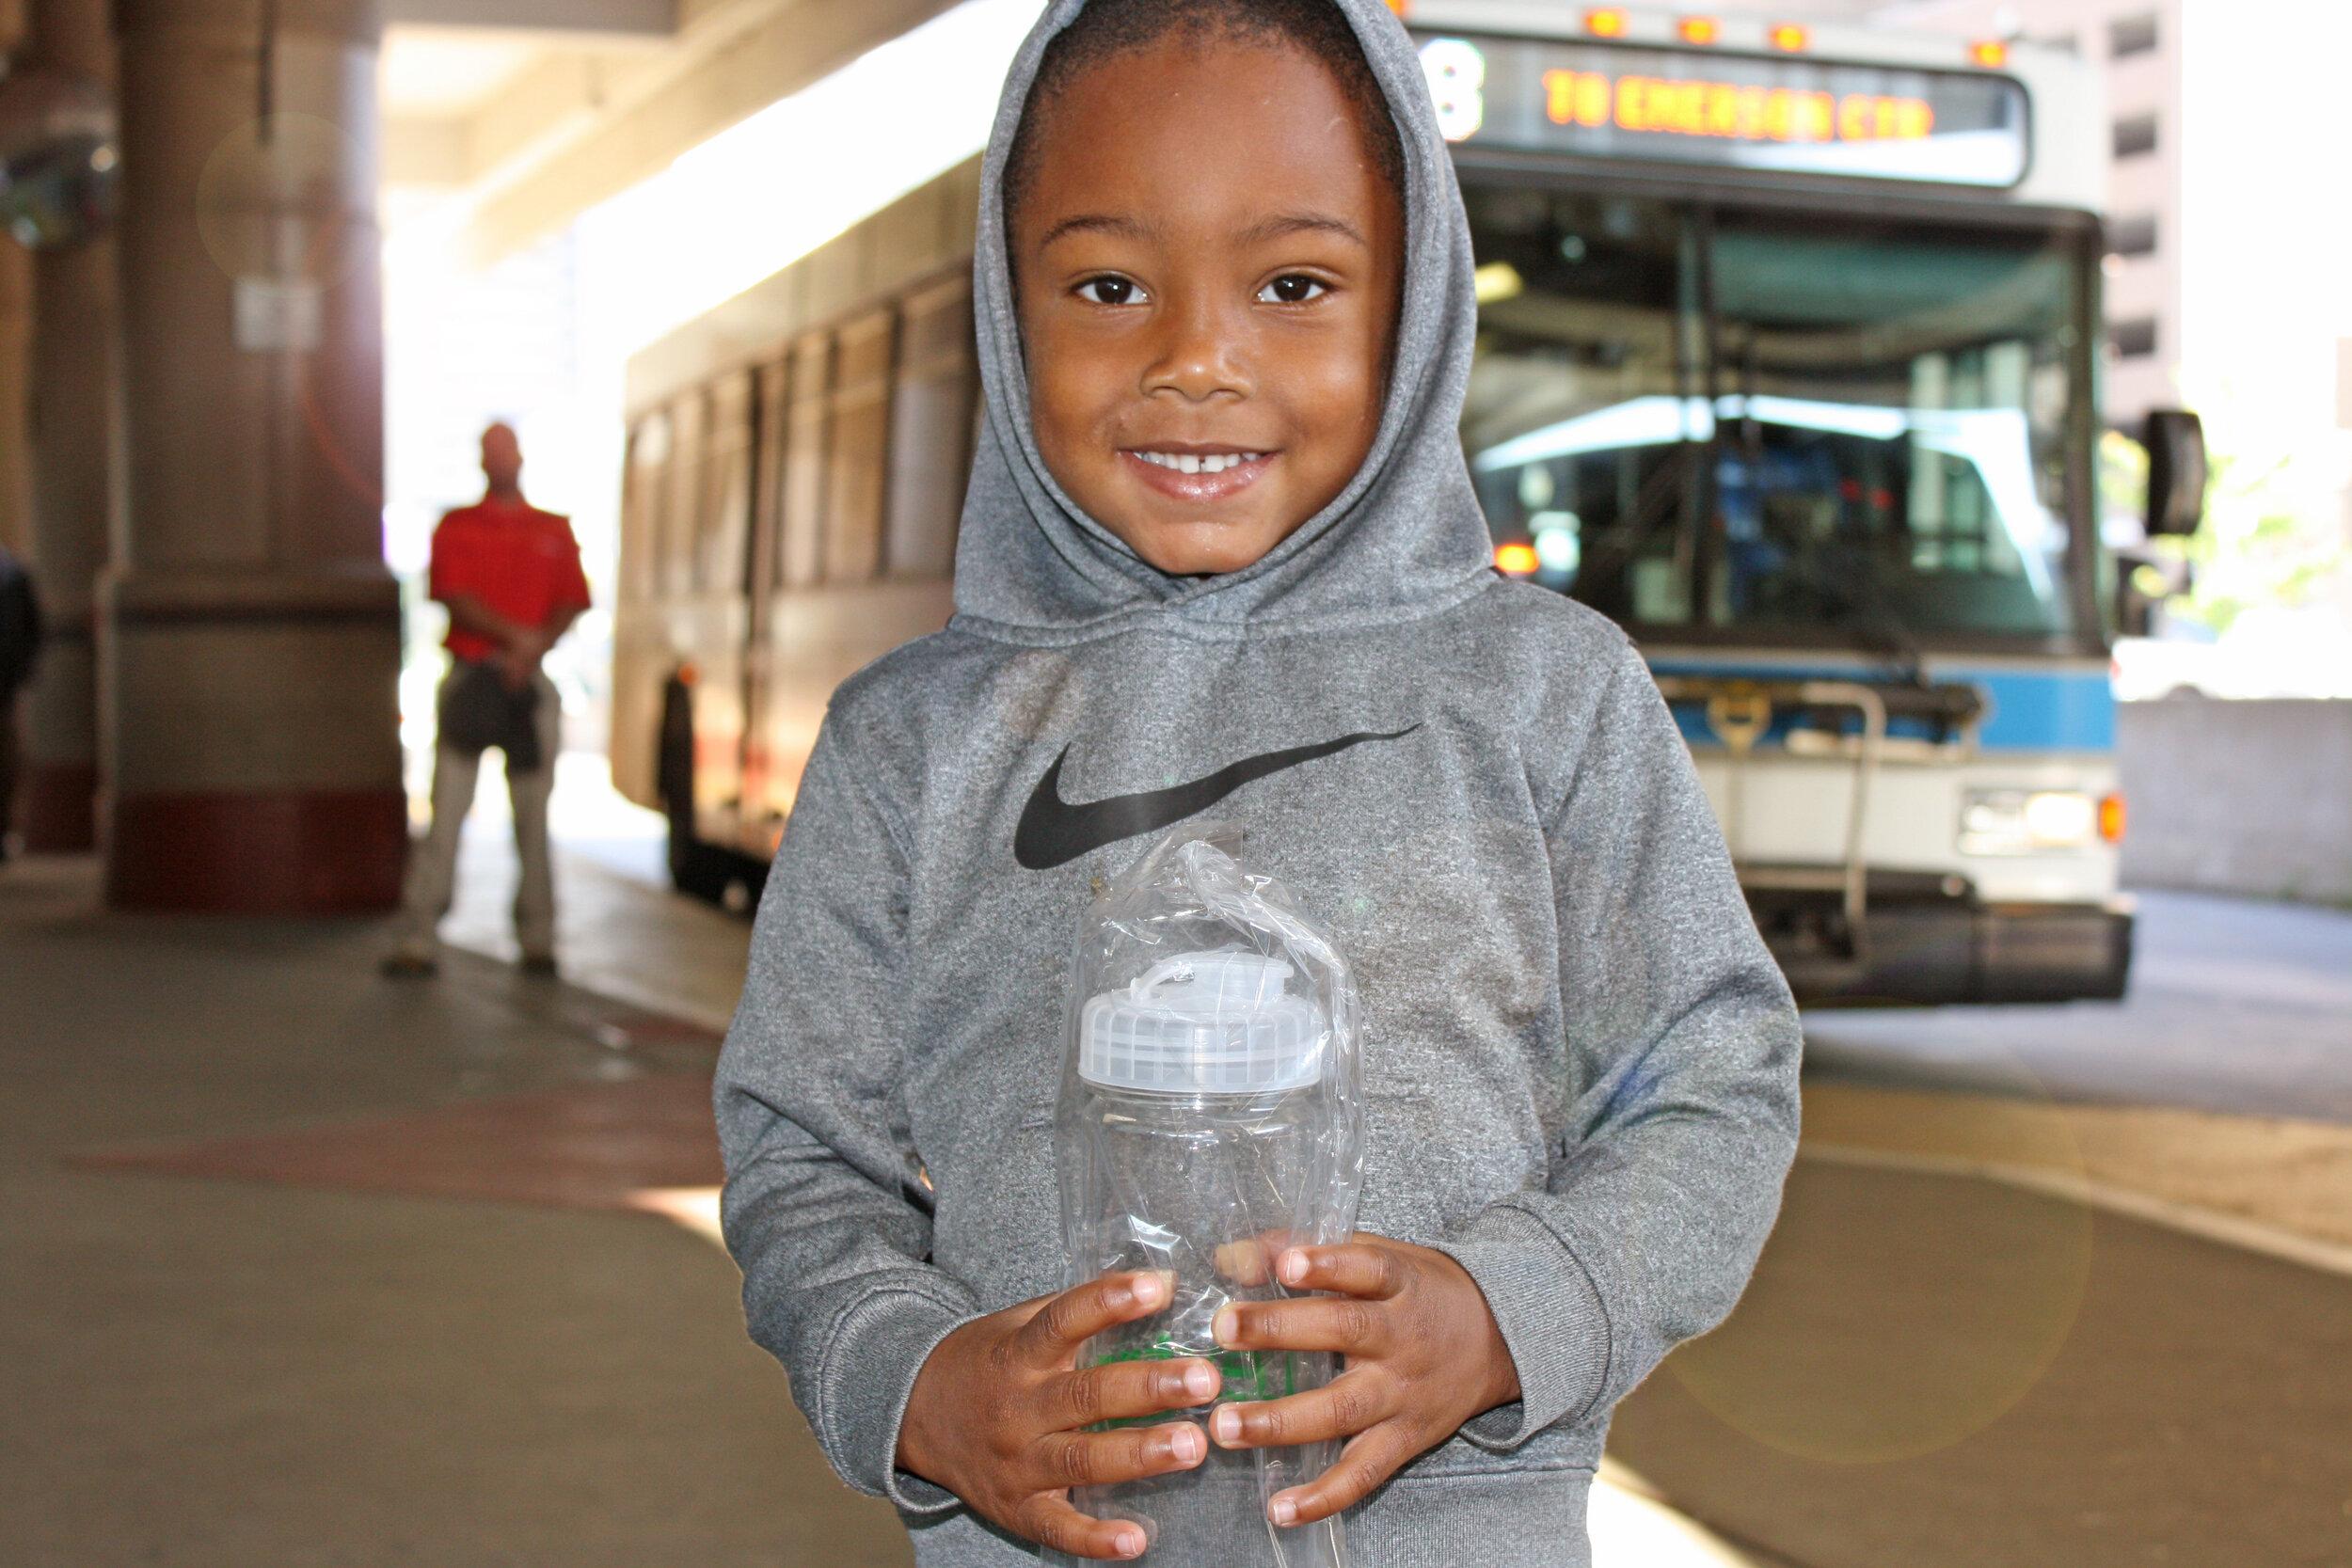 Passenger_Kid_Transit_Center.JPG